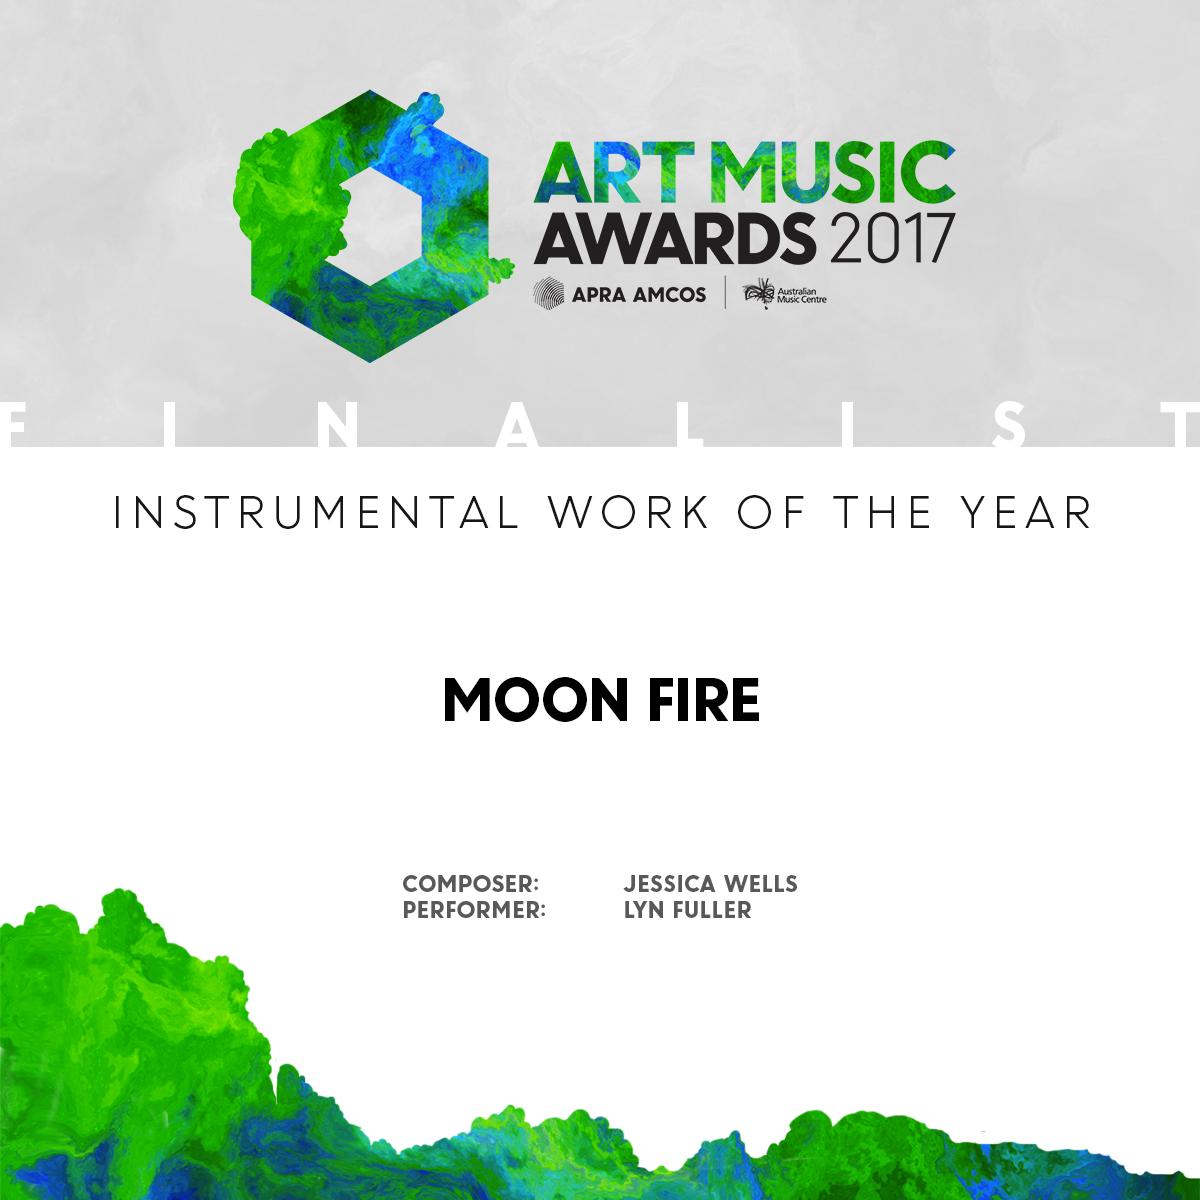 ART_2017_SocialMediaTemplate_Instrumental_Moon Fire.png